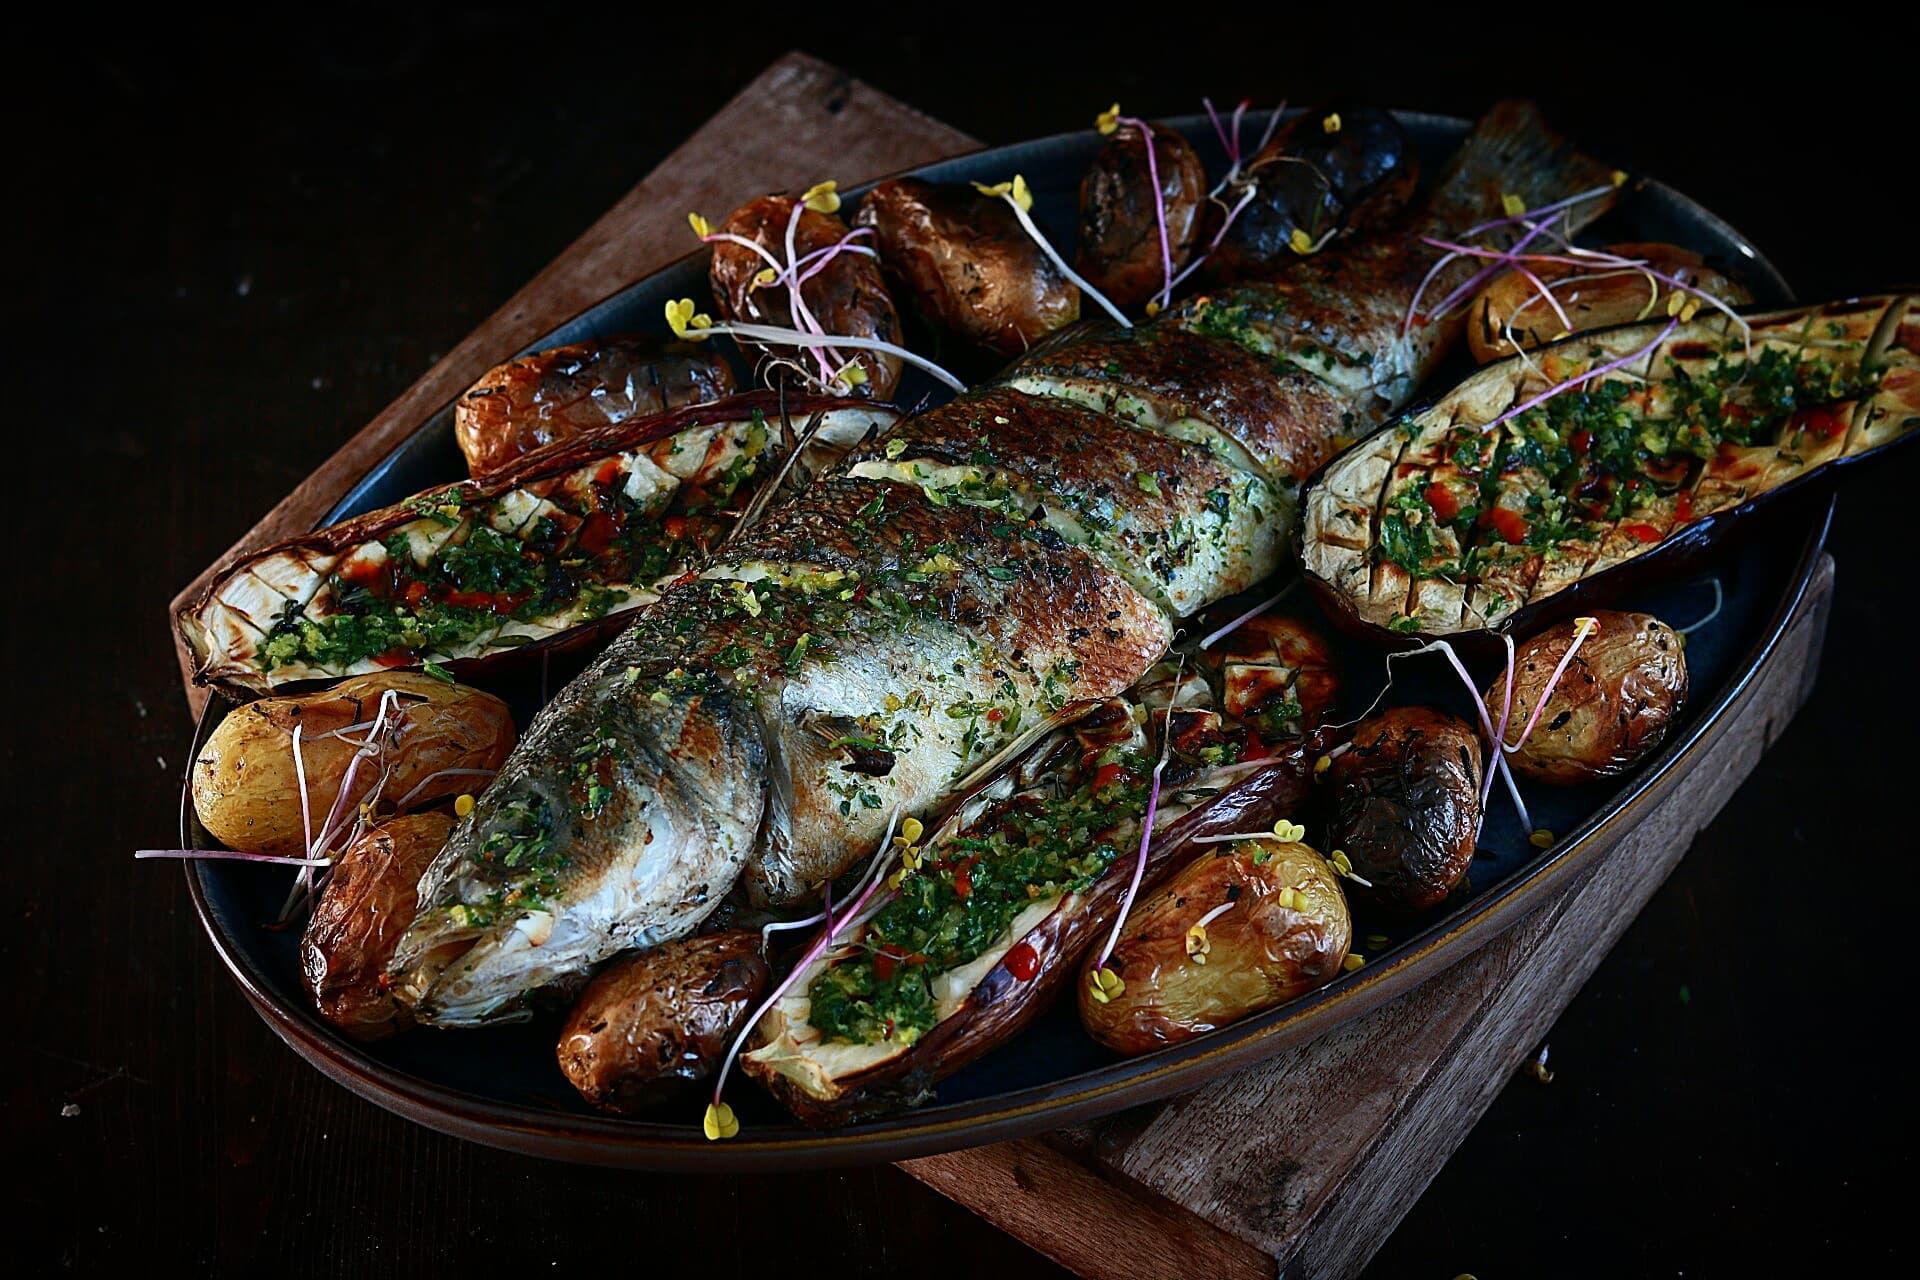 Heerlijke op hout gegrilde zeebaars met frisse marinade